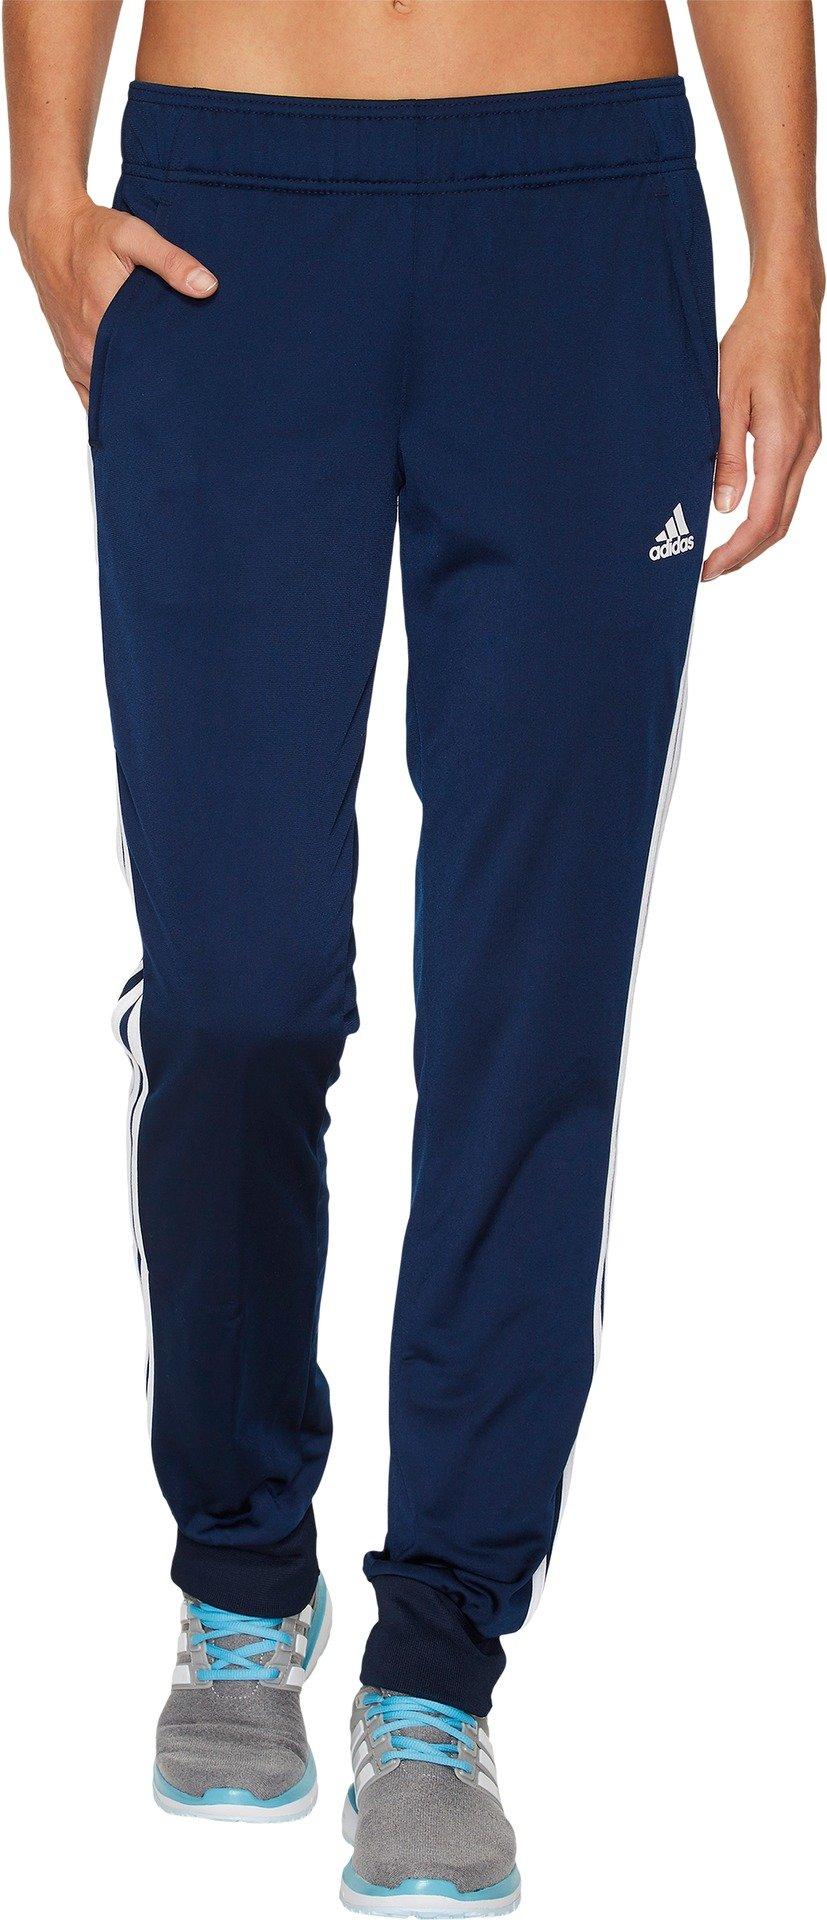 adidas Women's Designed 2 Move Cuff Pants, Collegiate Navy/White, Medium